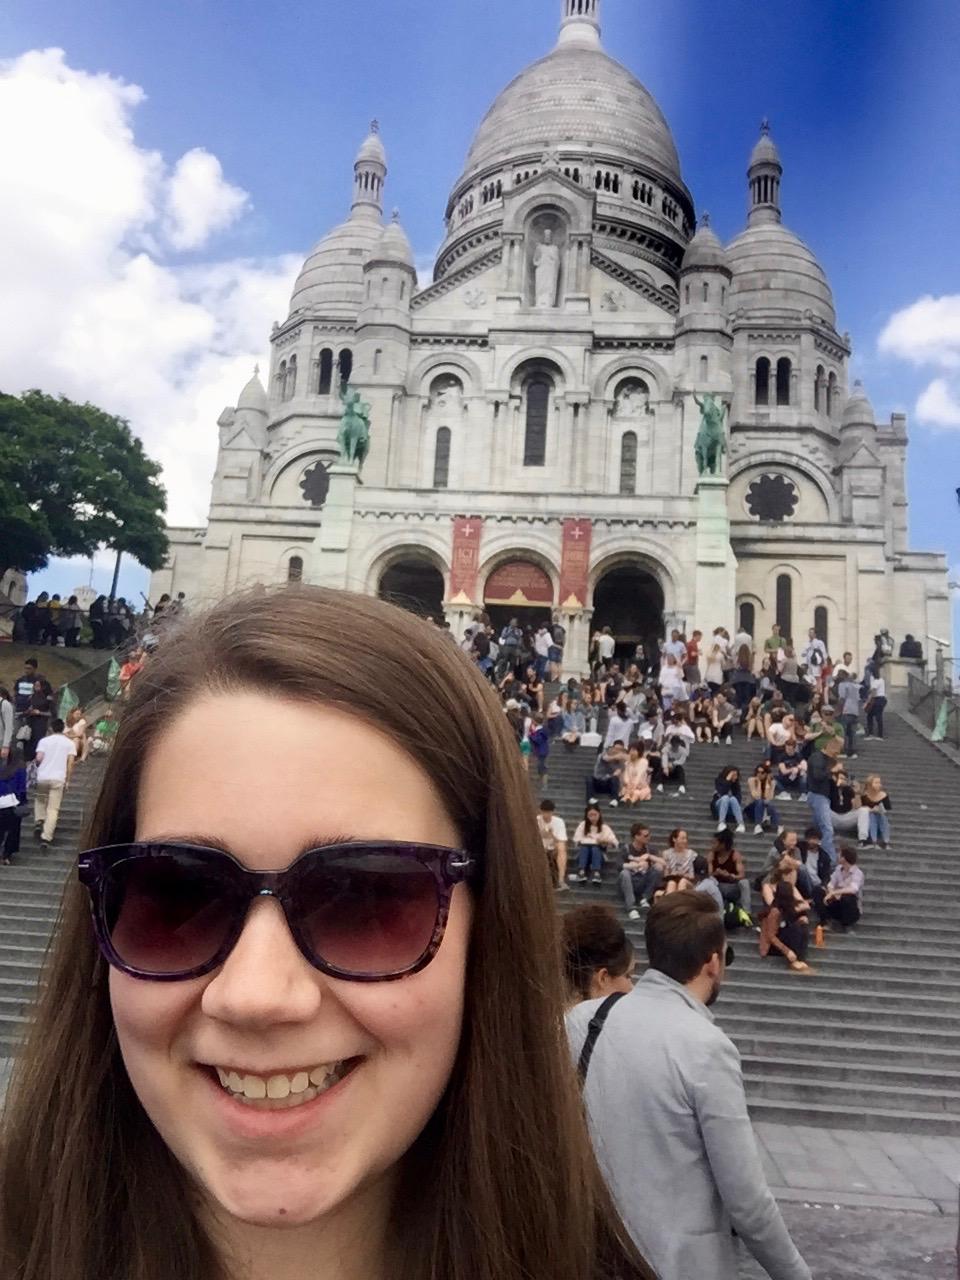 Selfie at Le Sacre Coeur in Paris :)